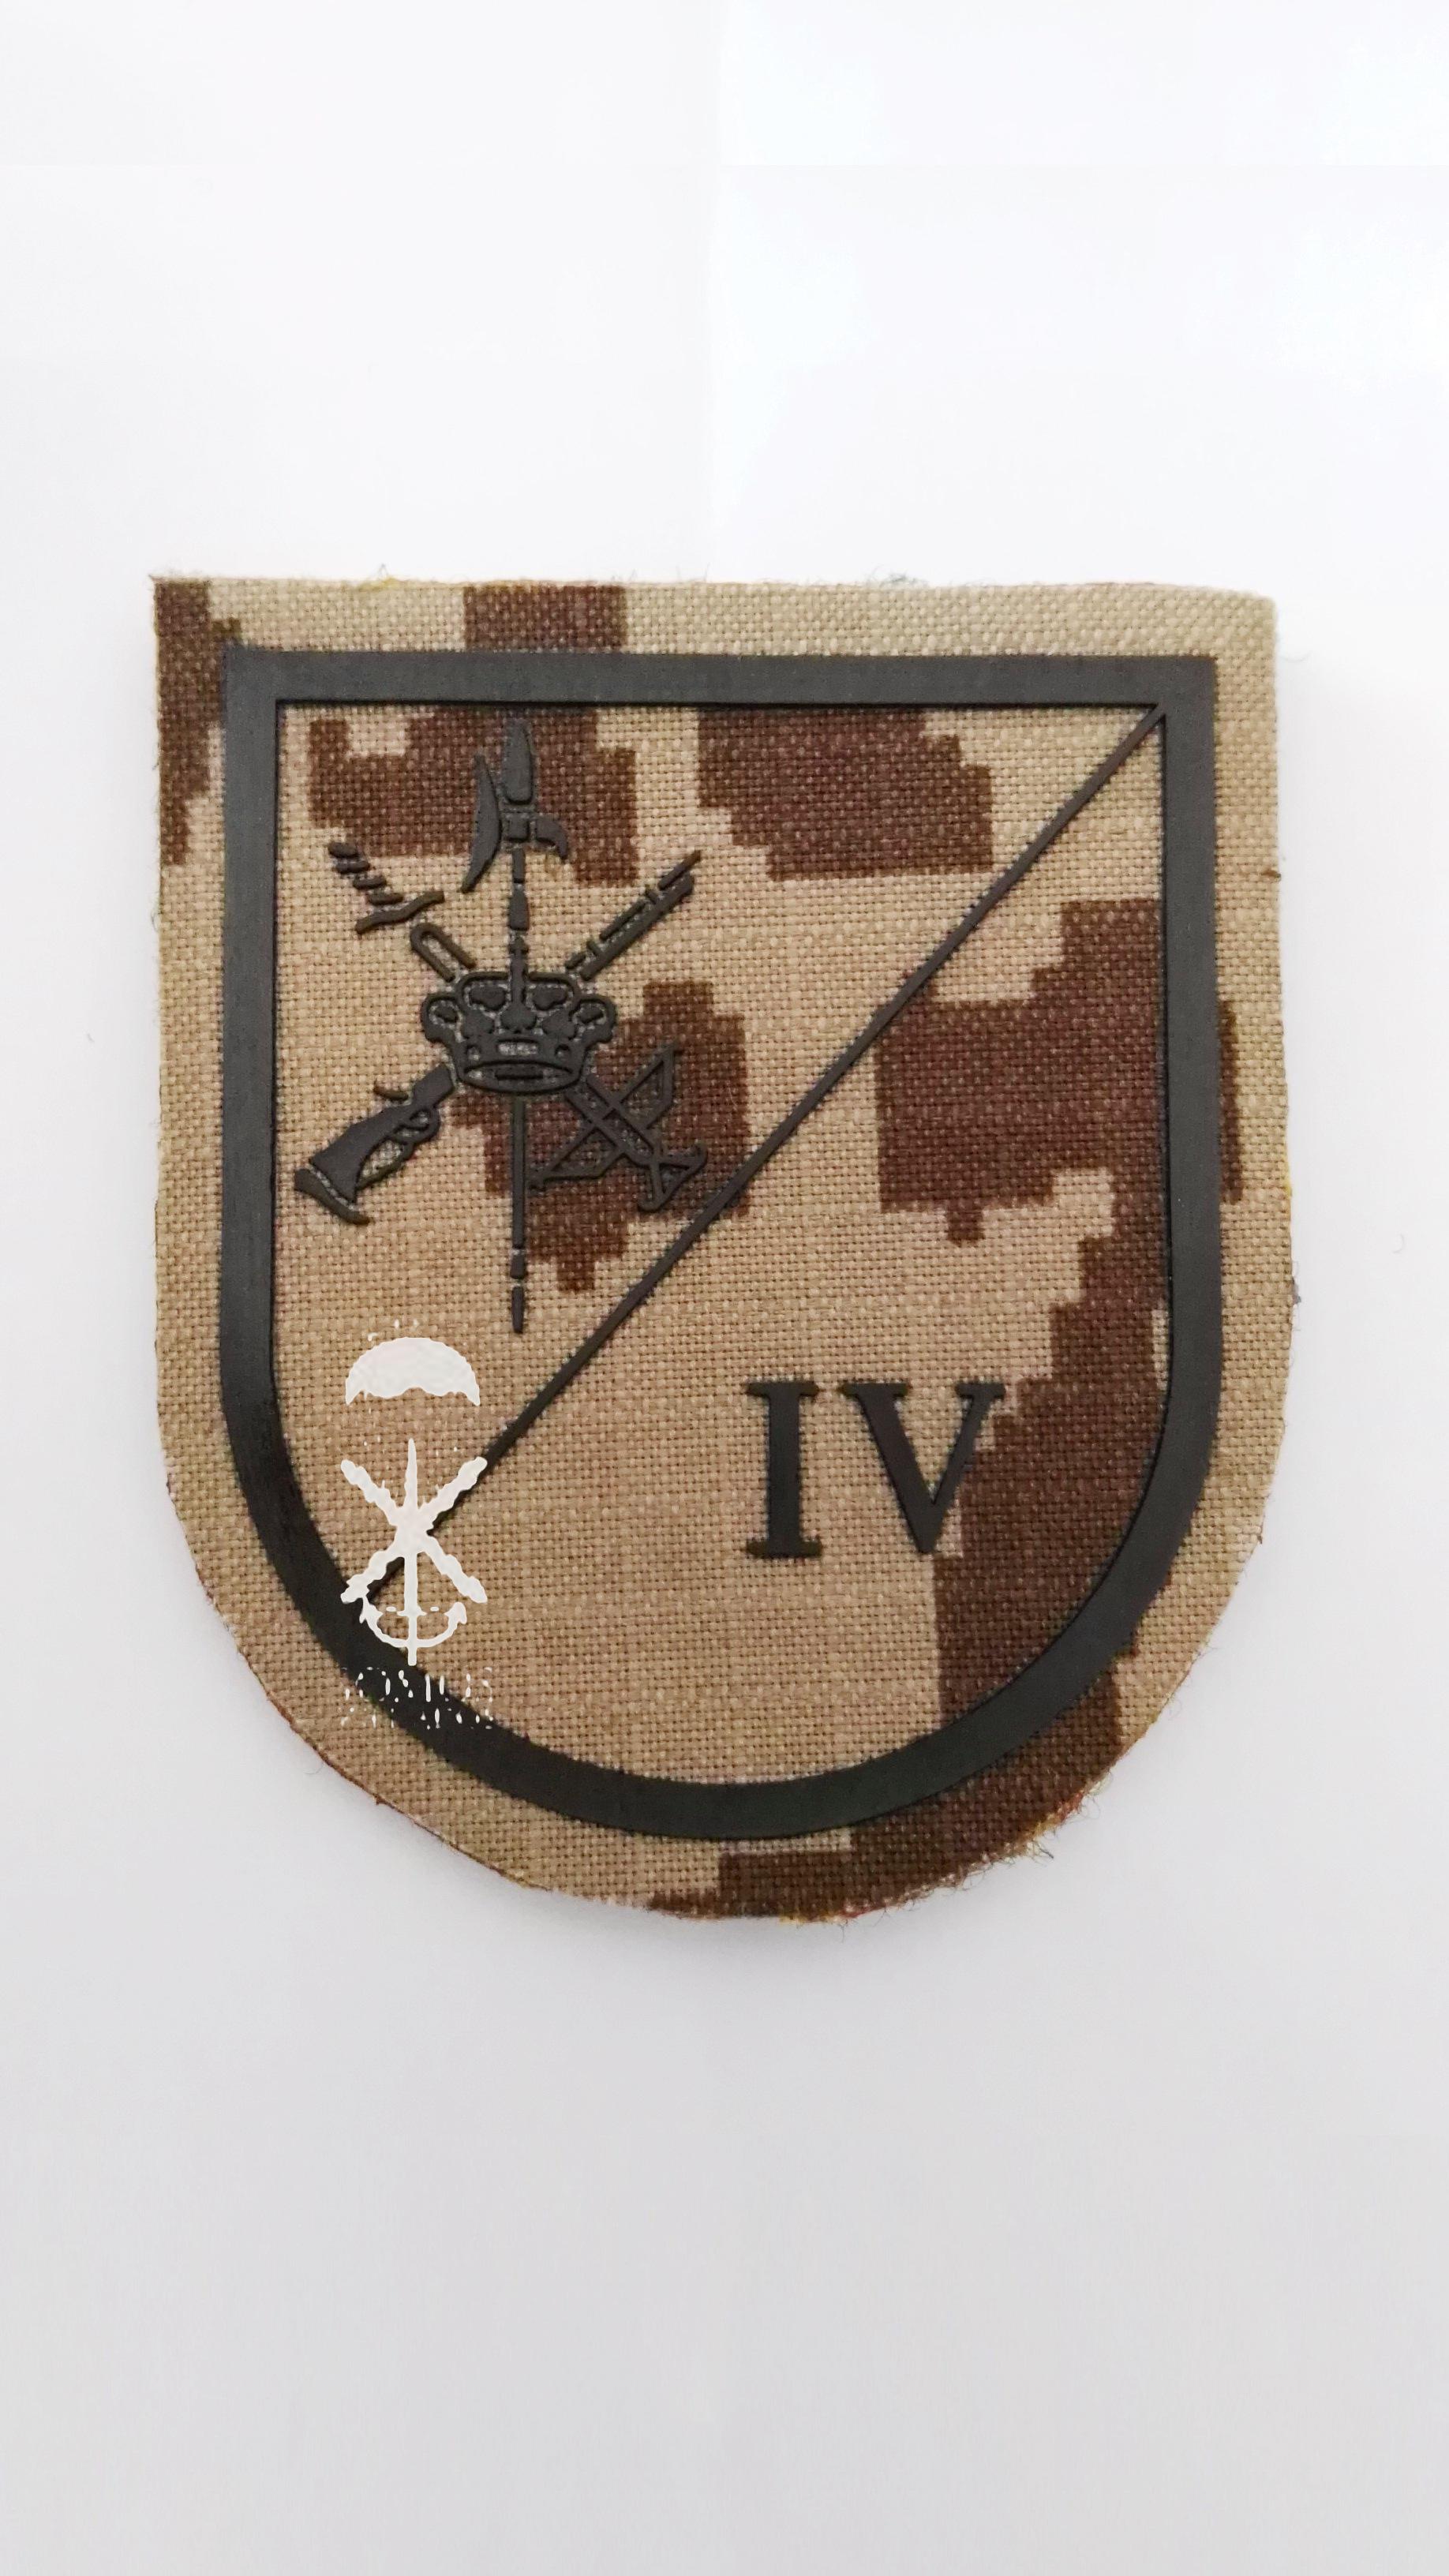 PARCHE DE COMBATE IVª BANDERA DE LA LEGIÓN C/ VELCRO   Somos Soldados